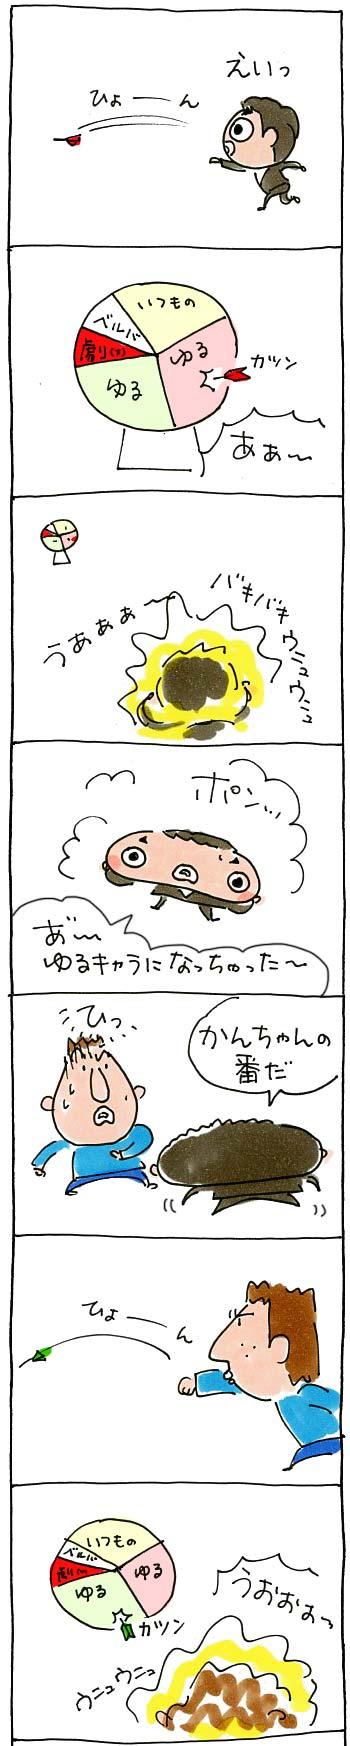 15エイプリルフール01